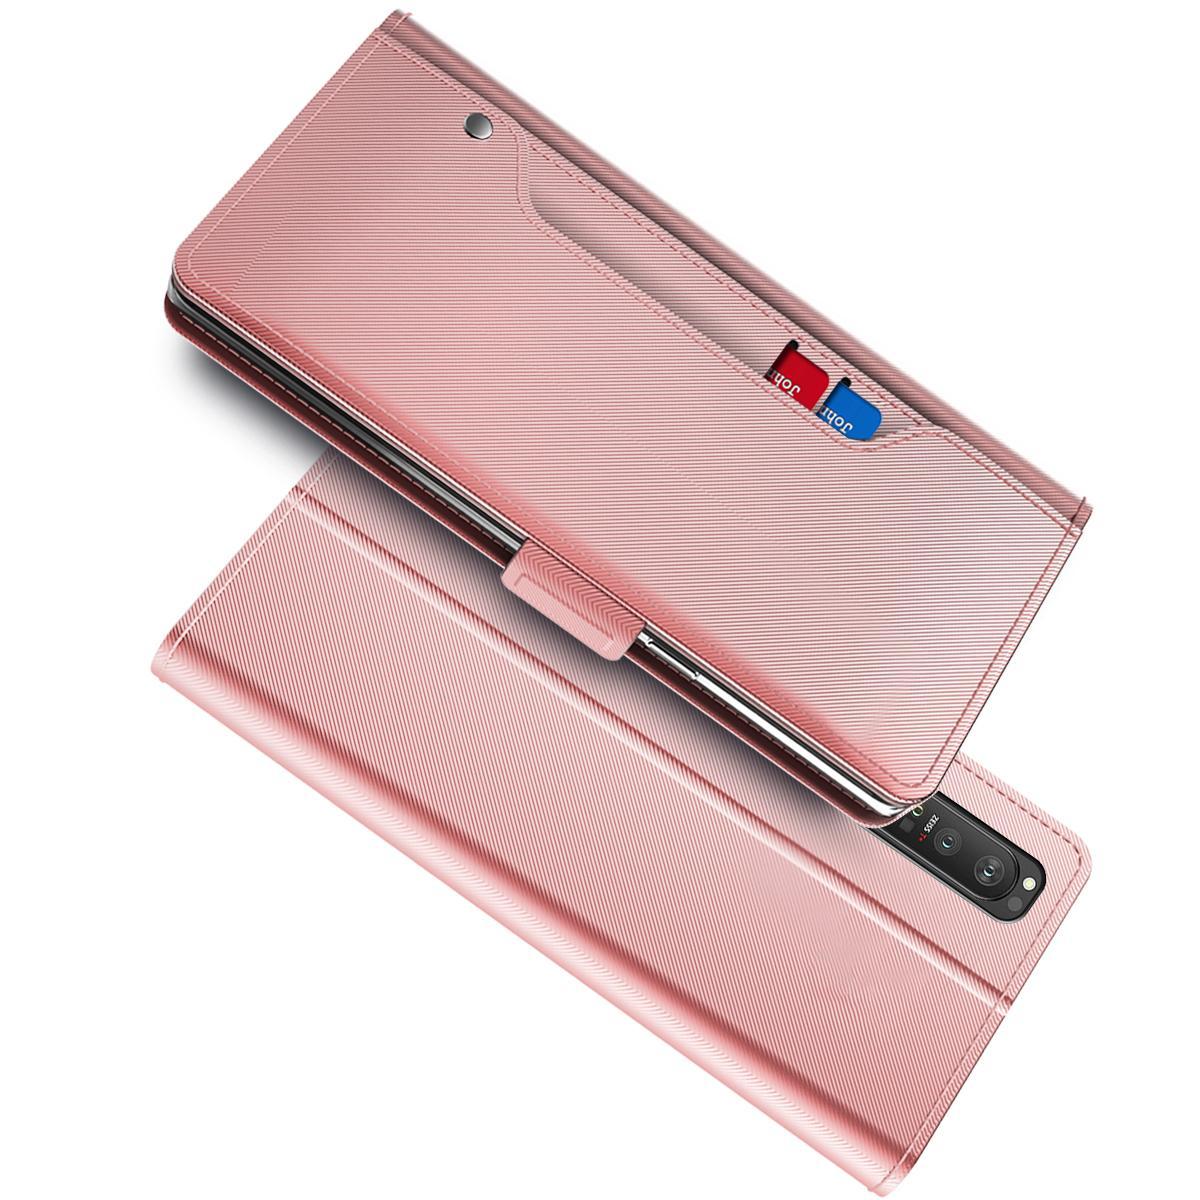 Plånboksfodral Spegel Sony Xperia 1 III rosa guld